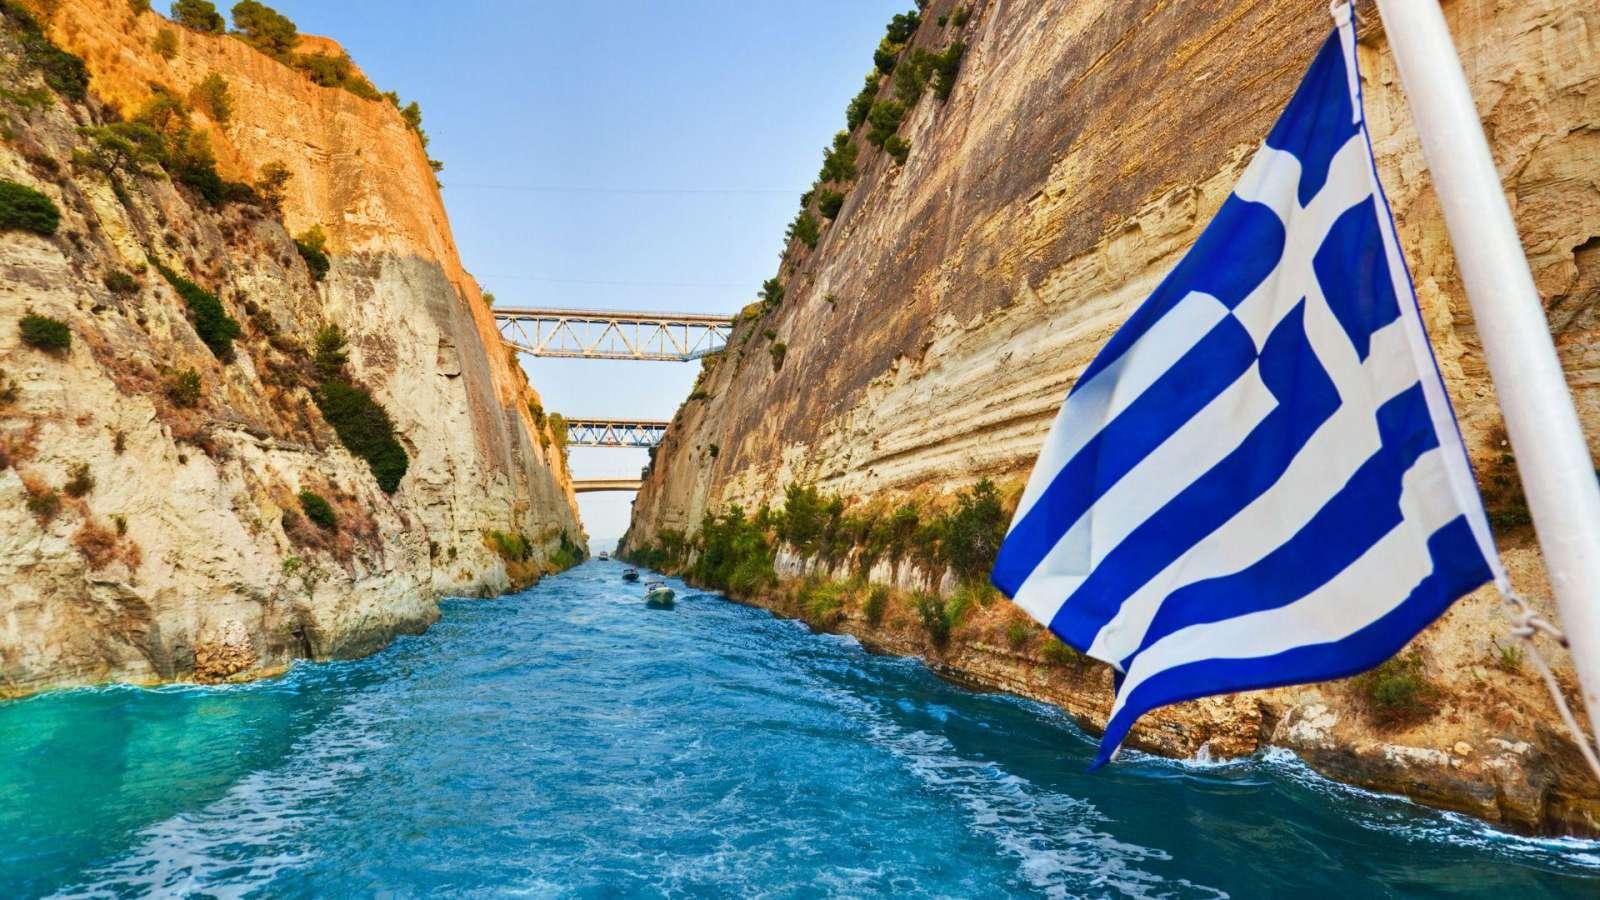 Egėjo ir Jonijos jūras jungiantis Korinto kanalas